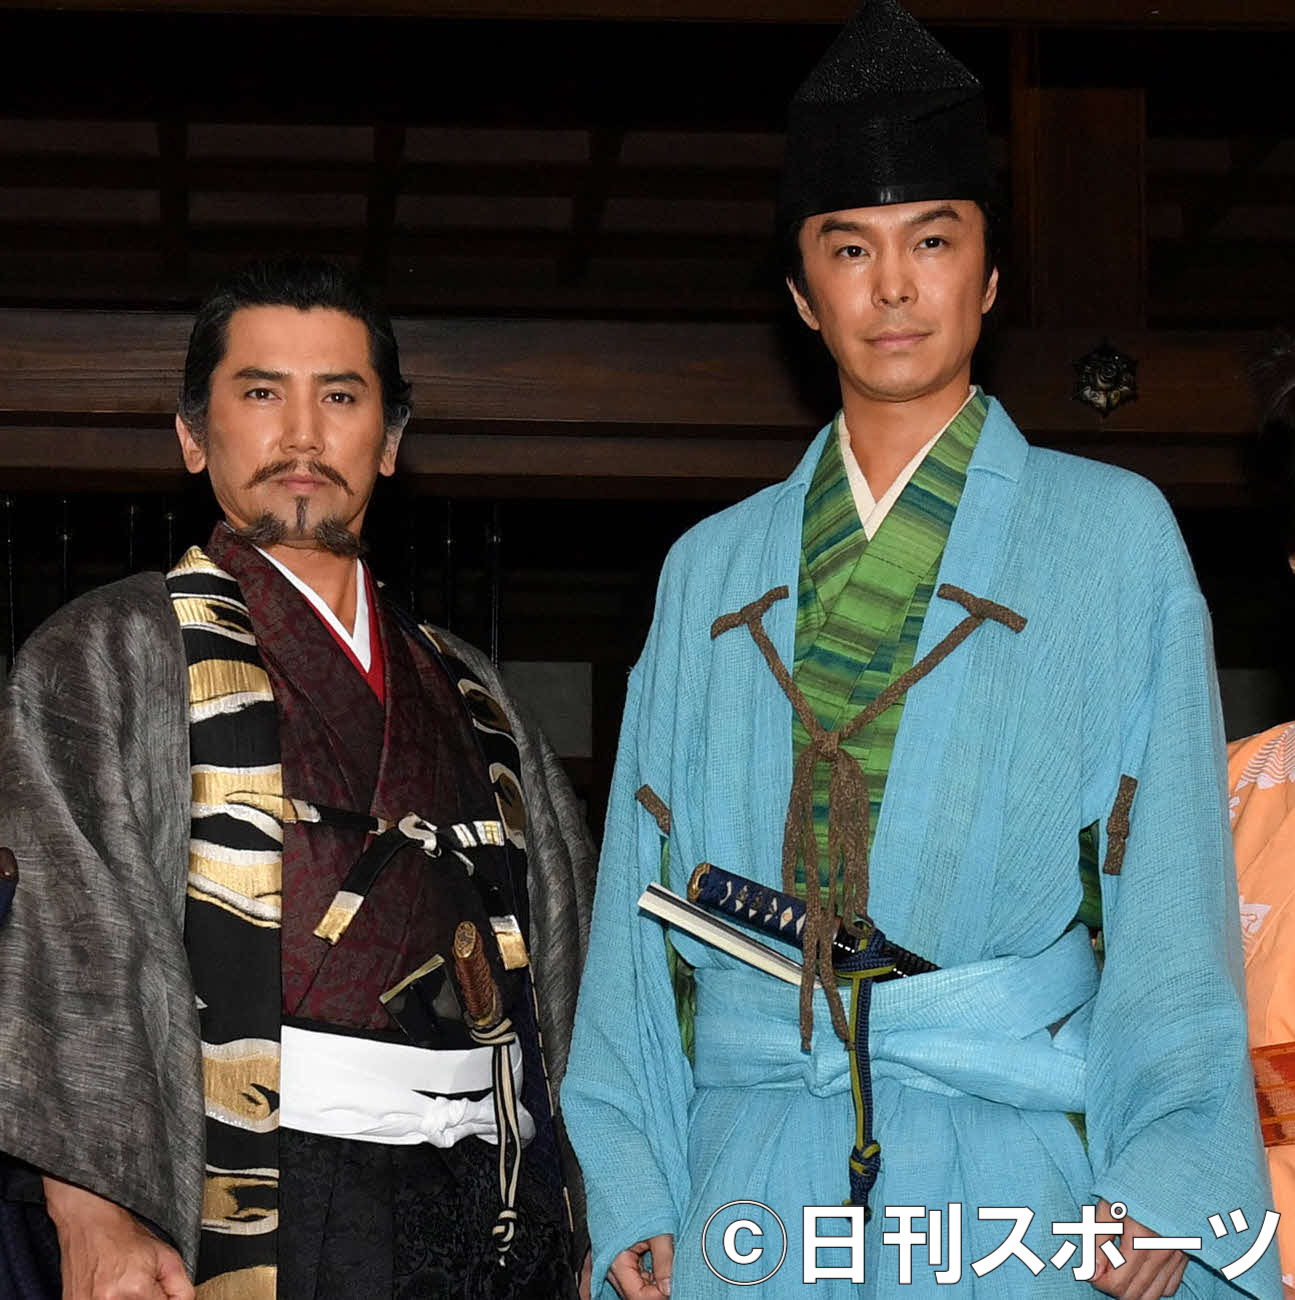 NHK大河ドラマ「麒麟がくる」で斎藤道三役を務じる本木雅弘(左)。右は主演の長谷川博己